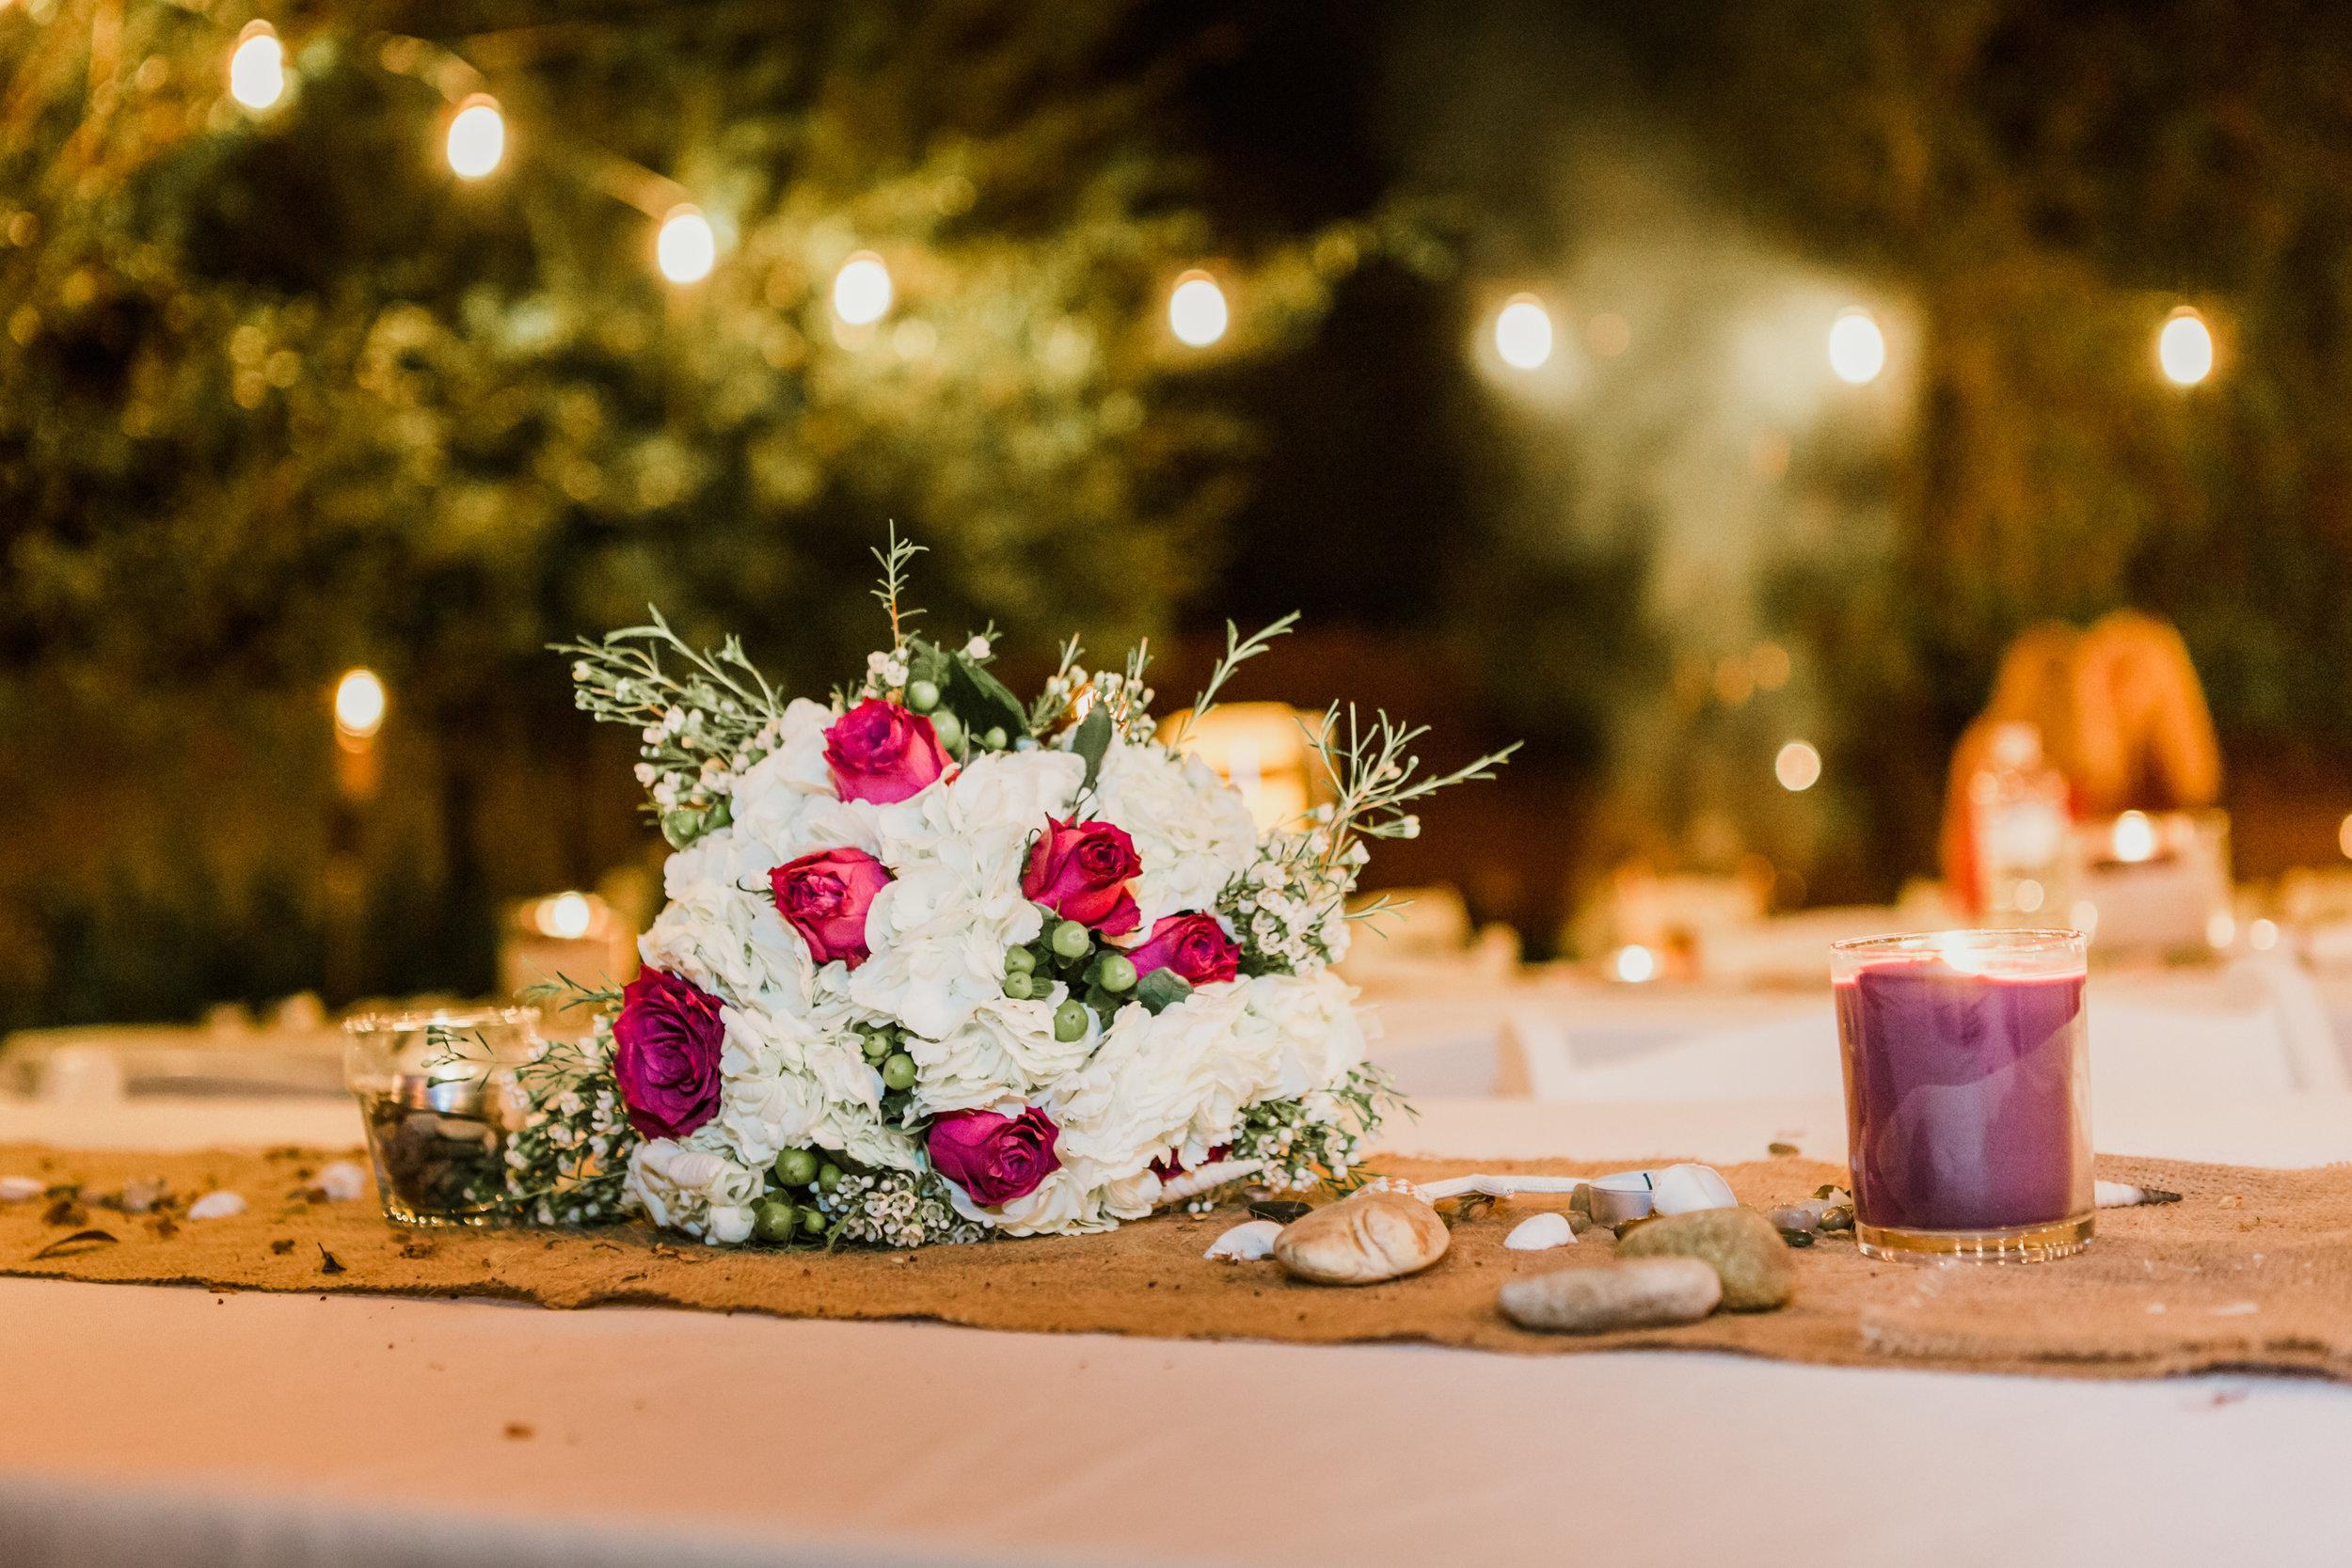 Violets & Seastars- November Ponce Inlet Wedding - Suzette & Dwight 193.jpg